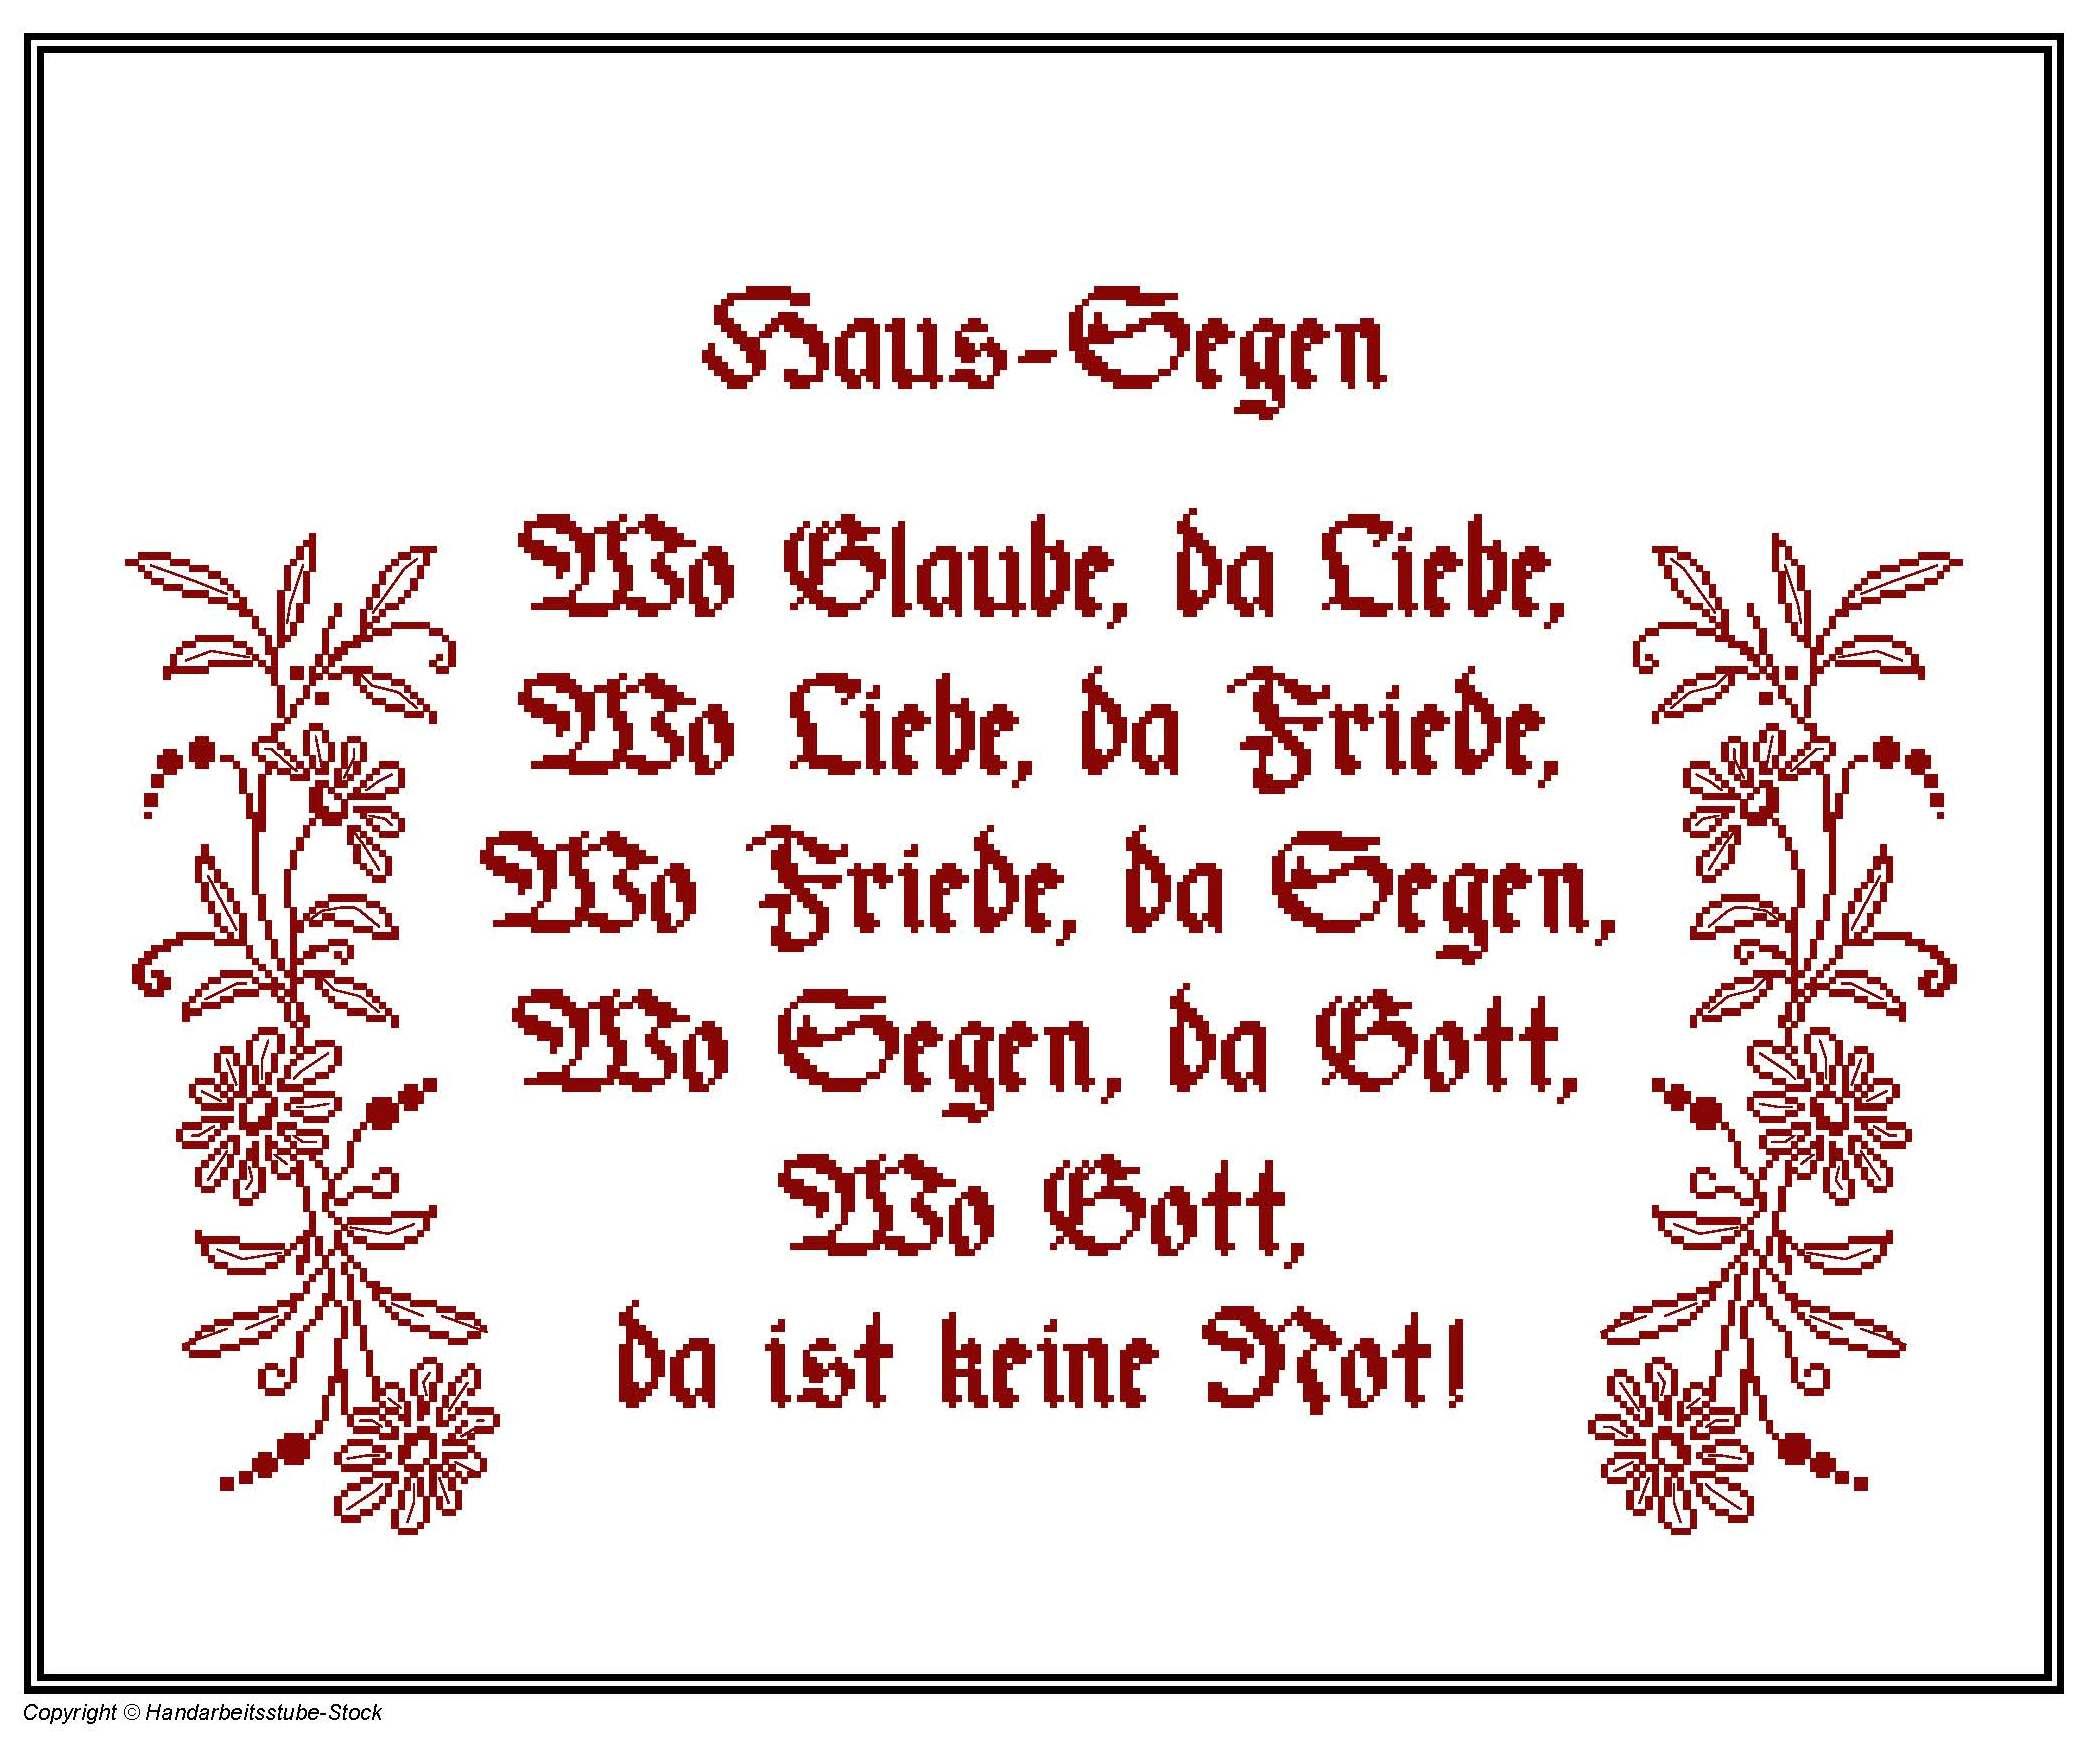 Haus Segen - Wo Glaube da Liebe in Calligraphic